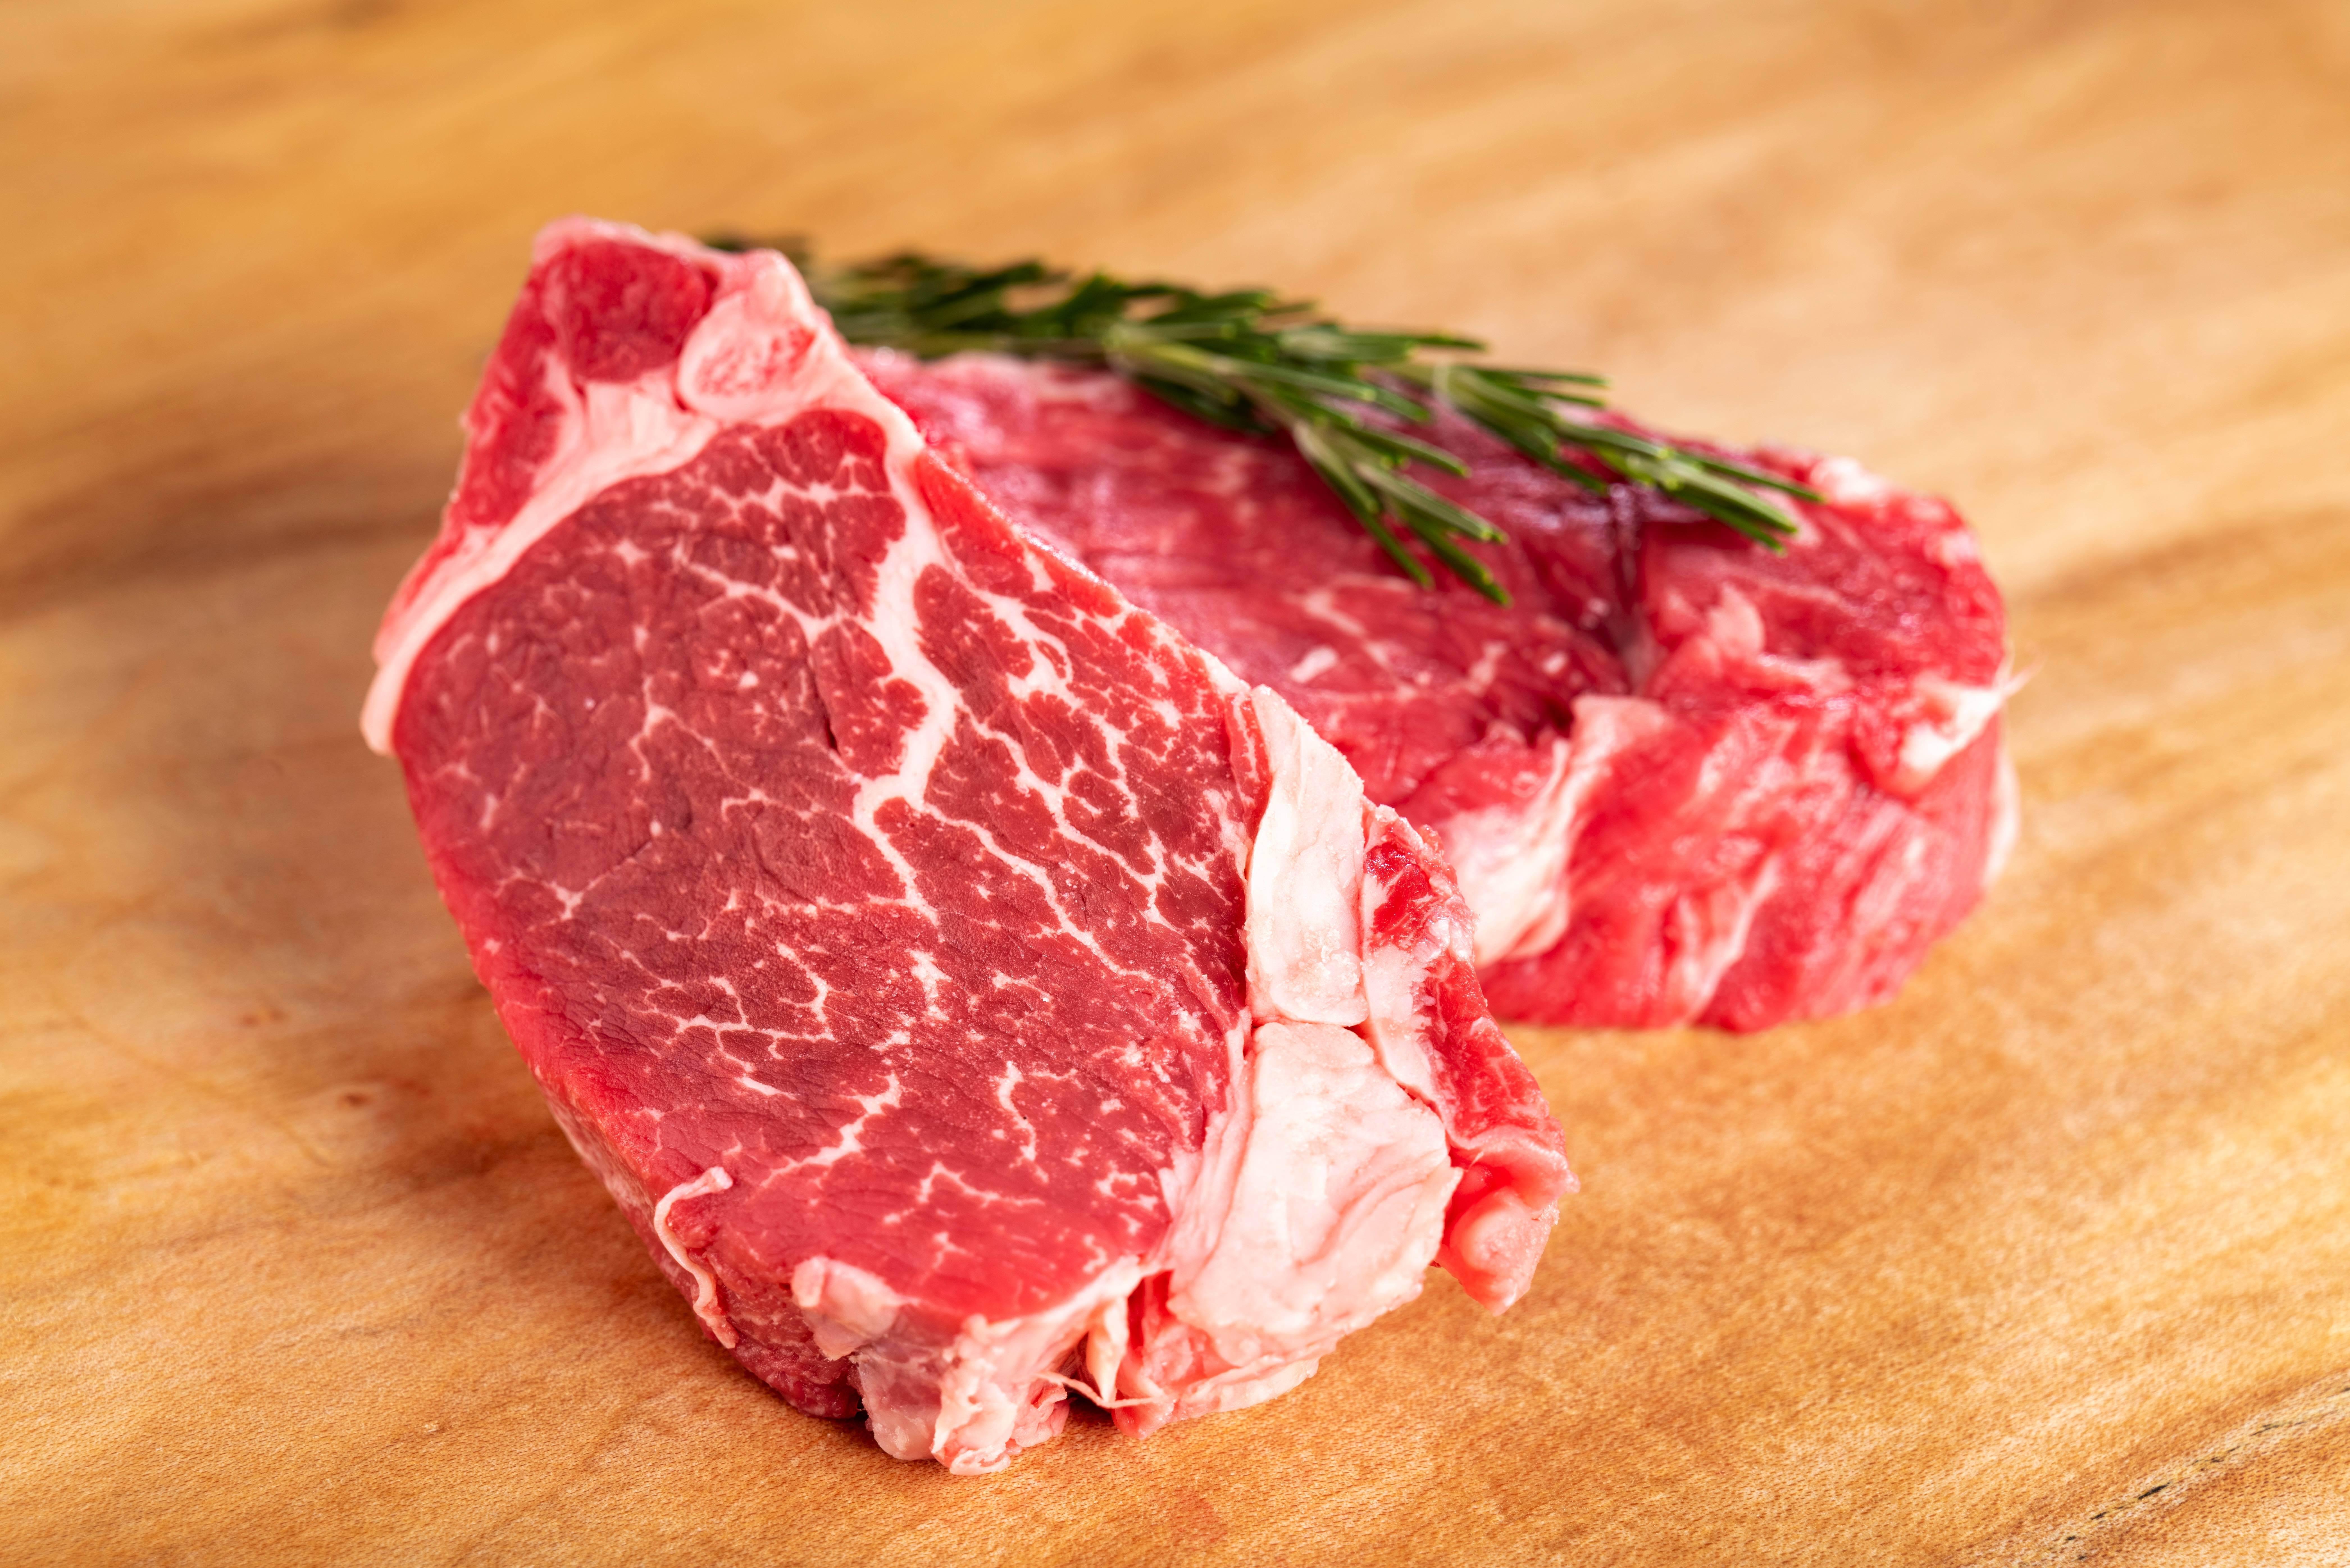 ヒレ肉ステーキ100g 数量限定商品【ステーキ単品】